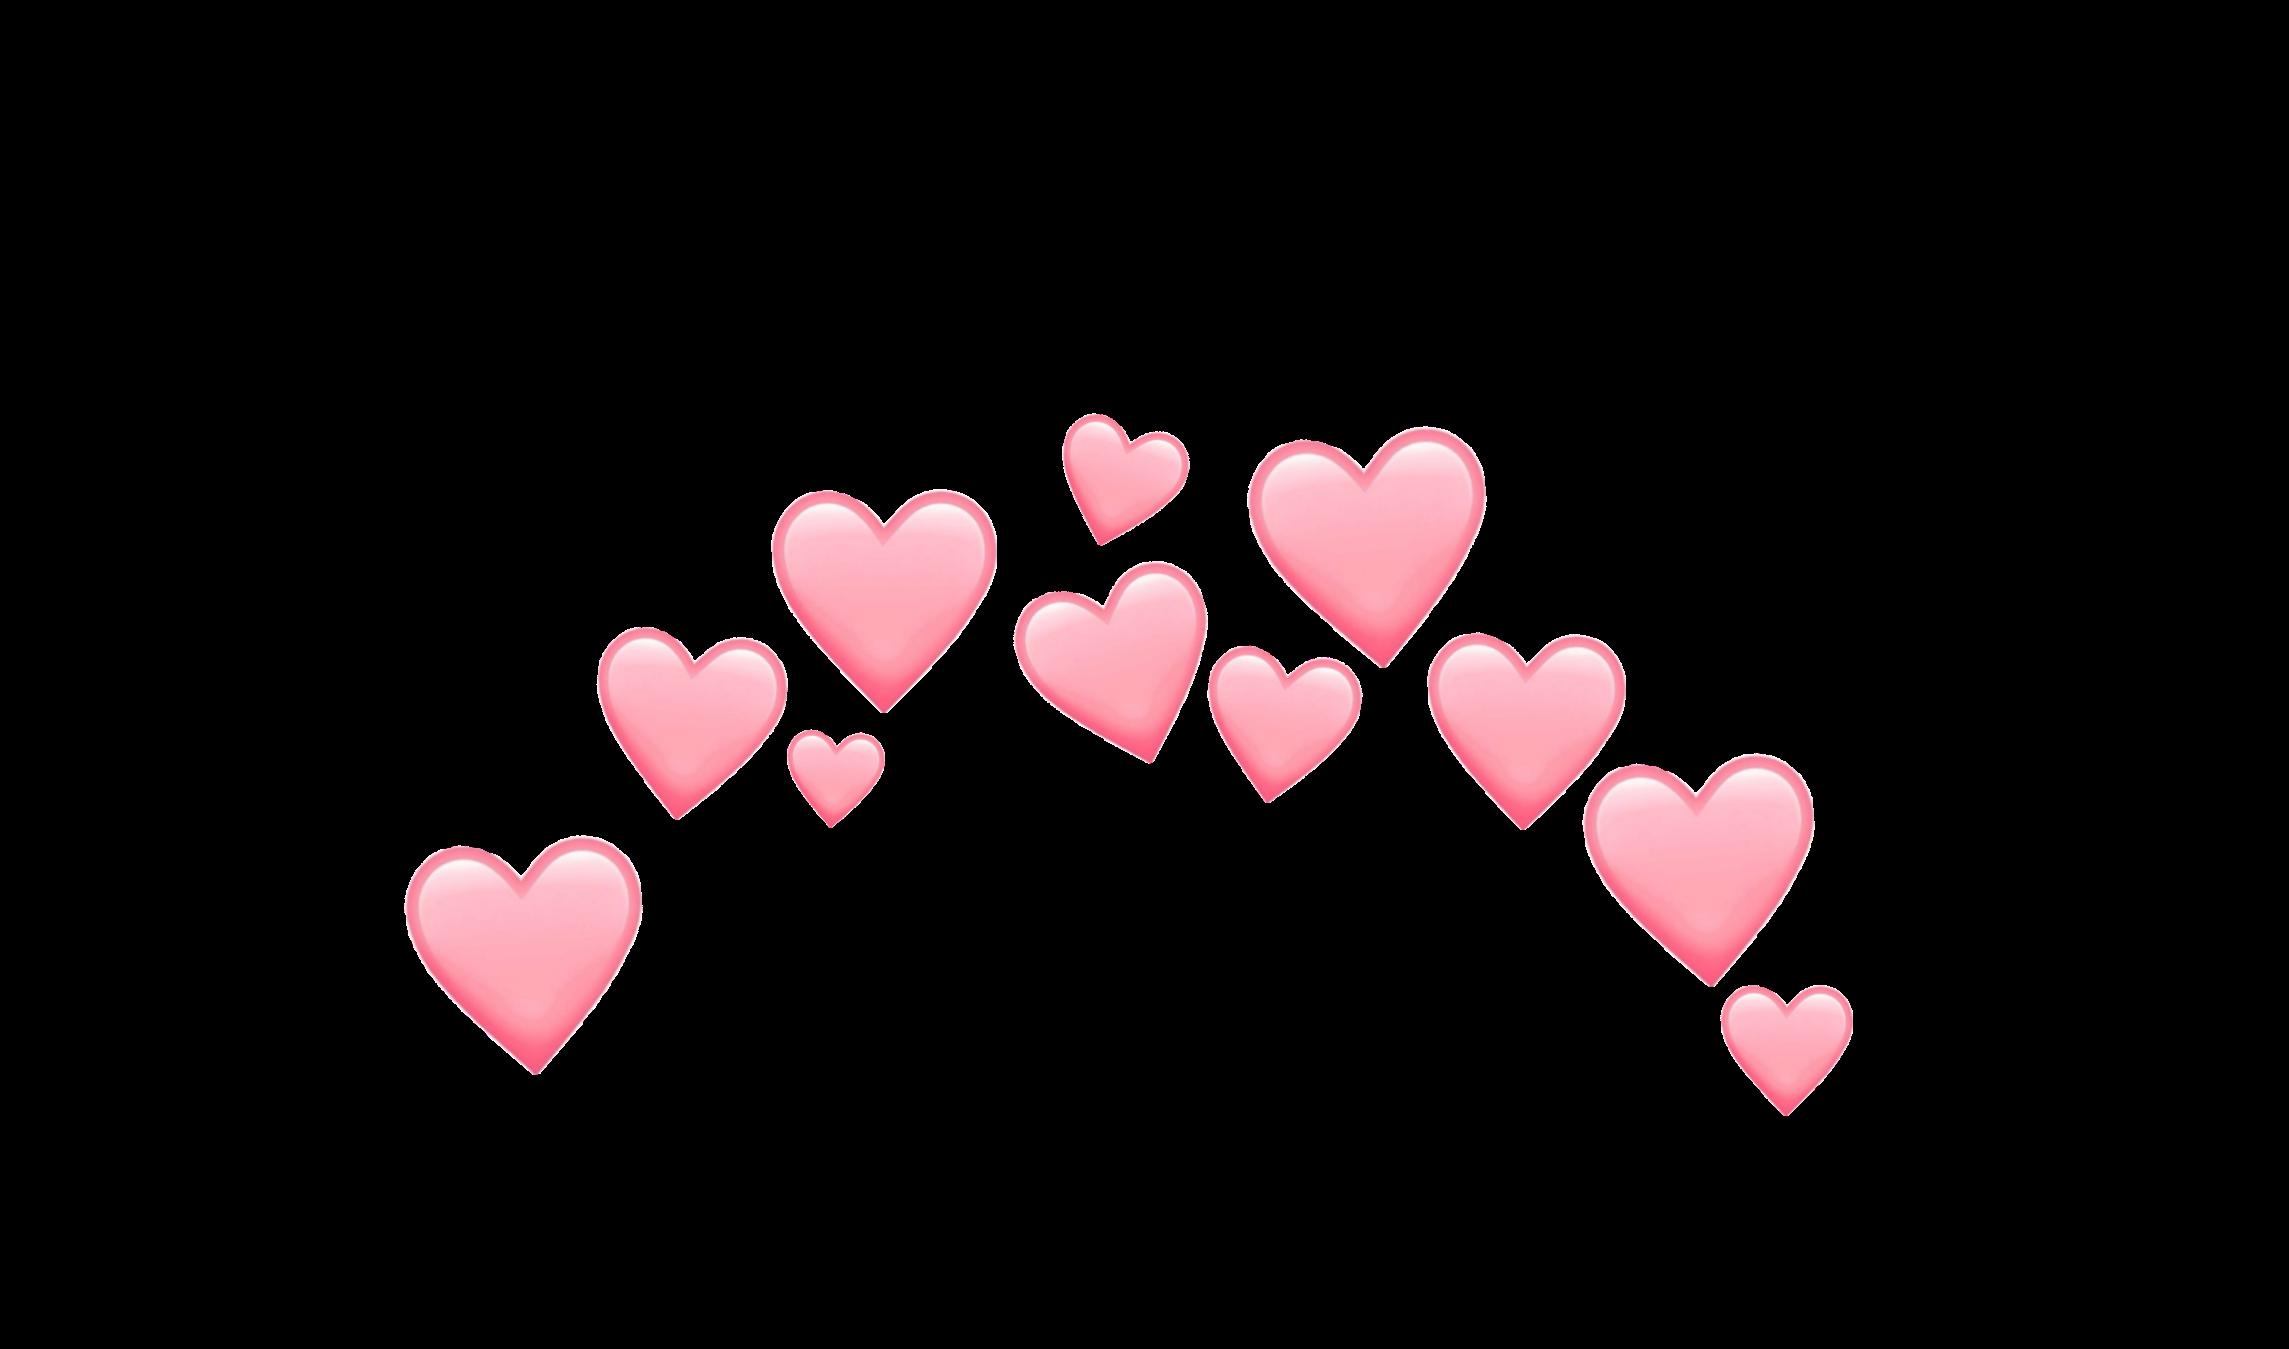 купить телефон сердечки в пнг как у нуры вовсе потому, что